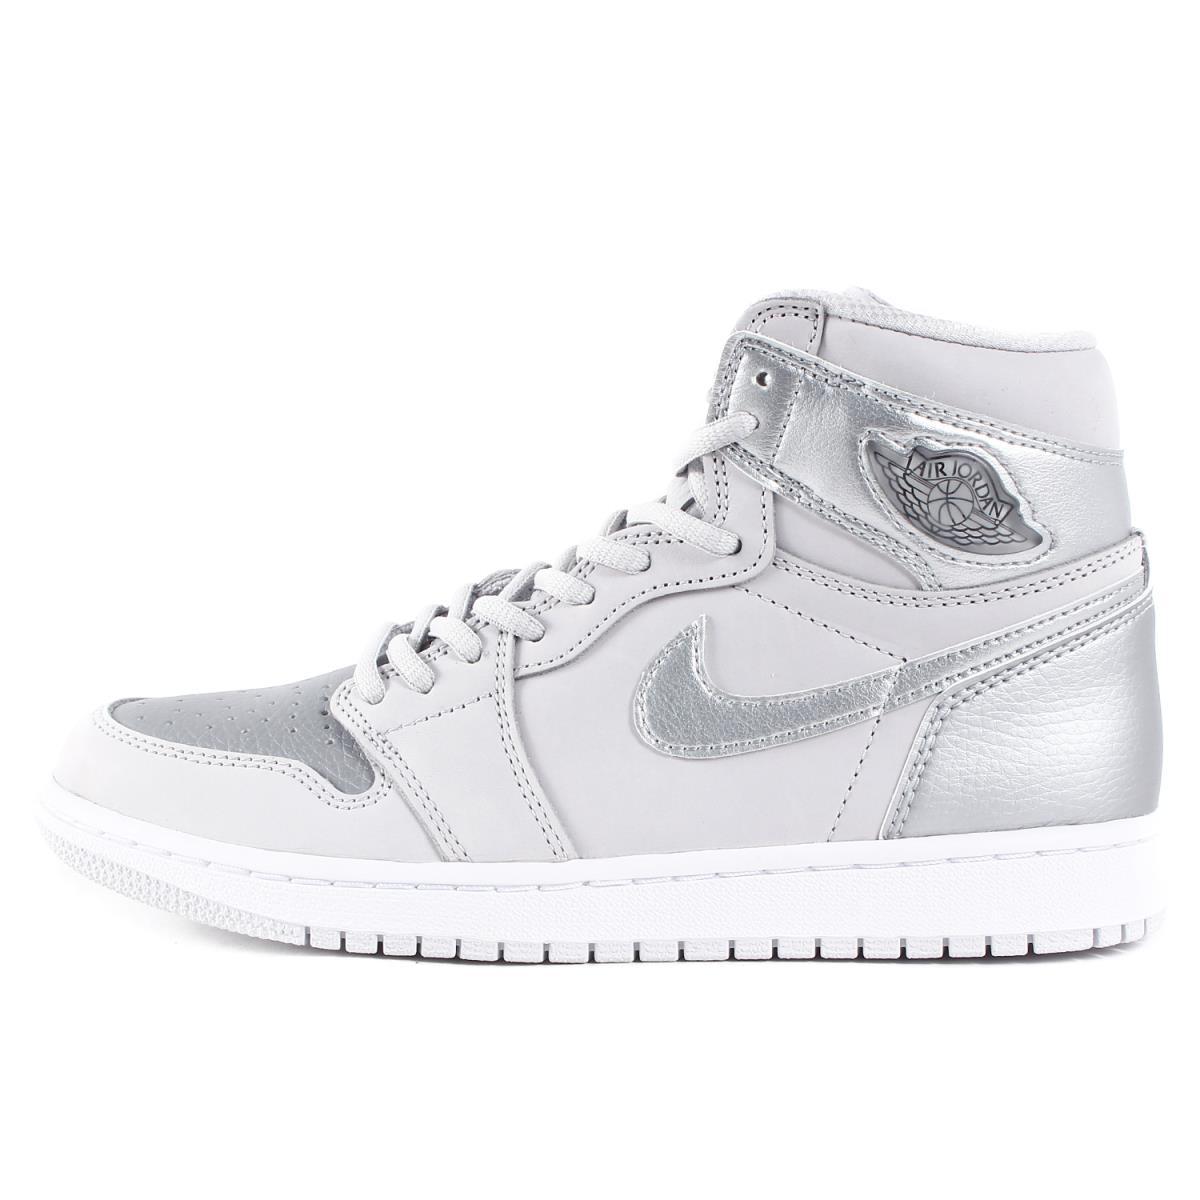 メンズ靴, スニーカー NIKE AIR JORDAN 1 HIGH OG 2020 DA0382-029 US7 25cm K2881